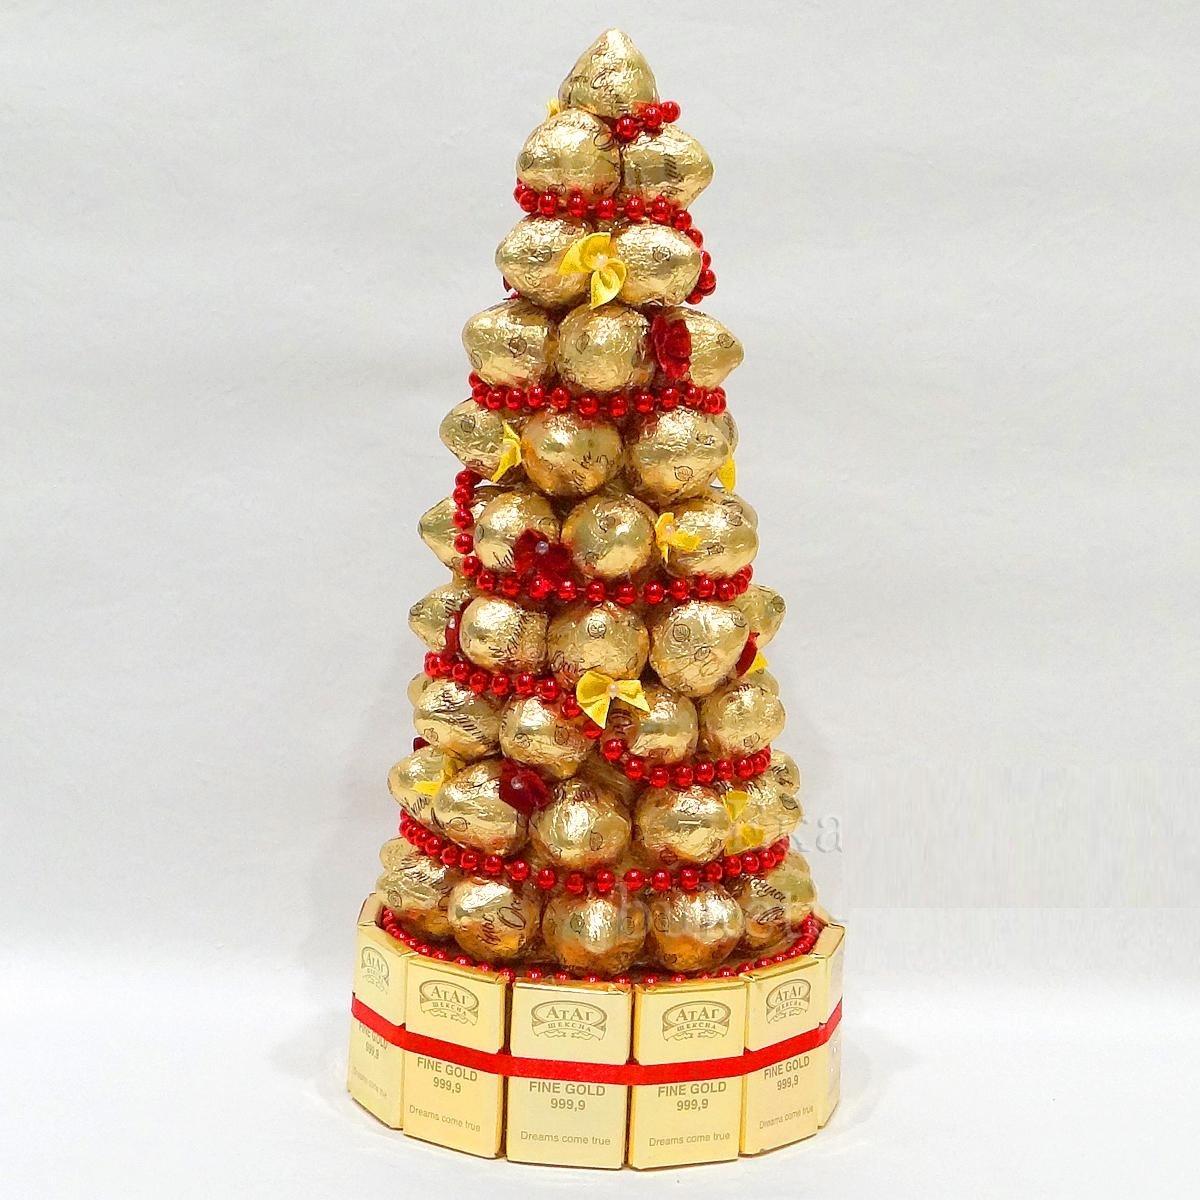 ? поделки из конфет на новый год своими руками: крутые идеи и инструкции